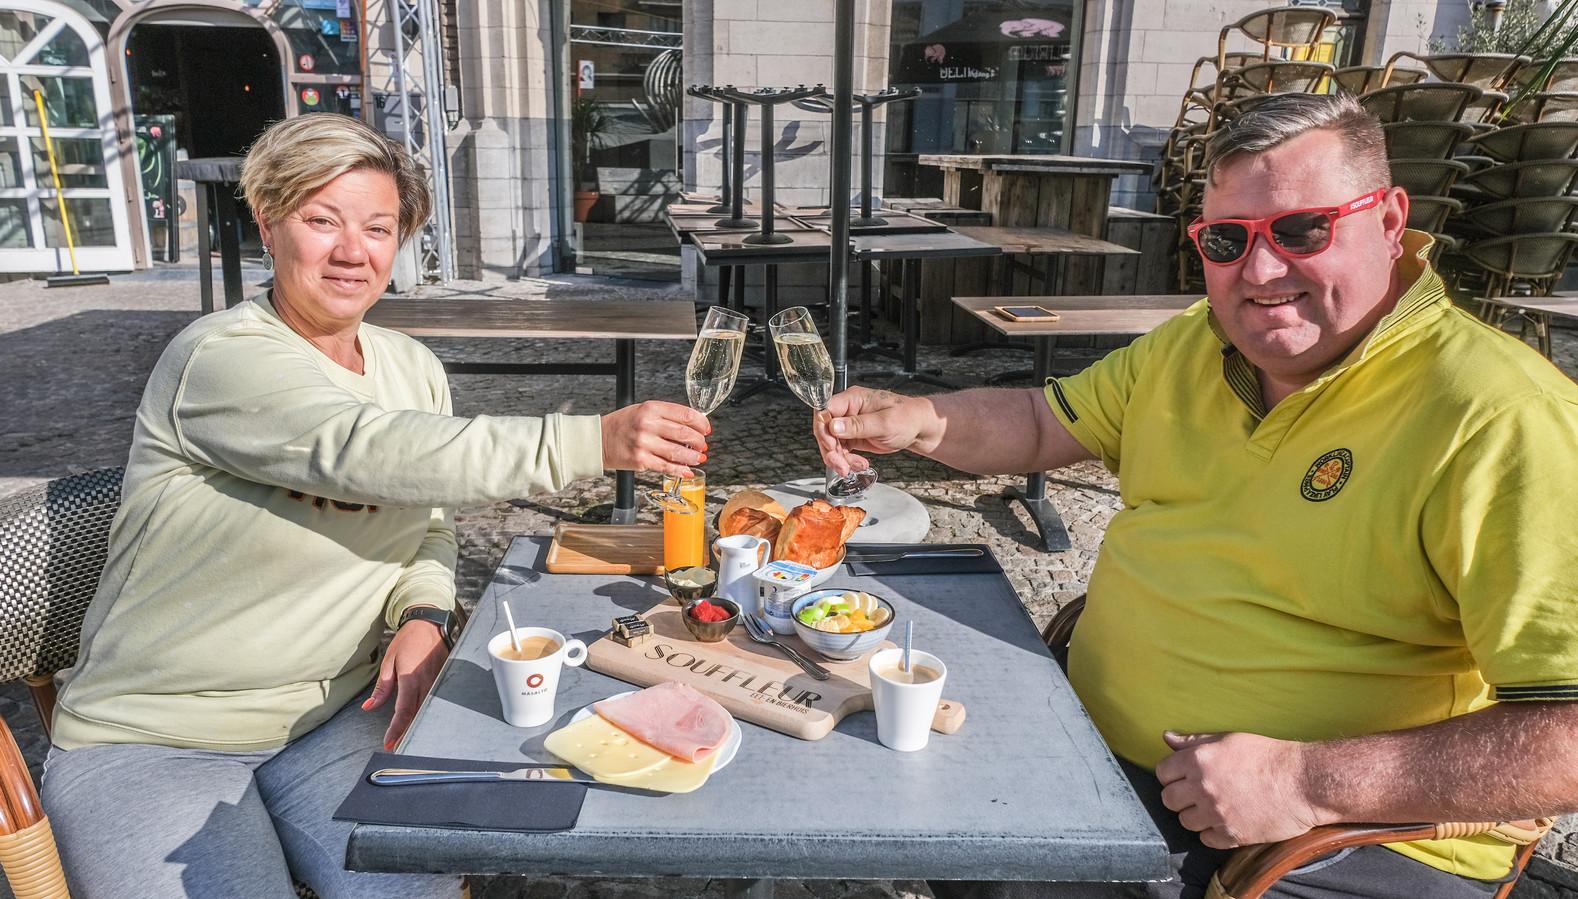 Eet- en bierhuis Souffleur op het Schouwburgplein is er klaar voor. Daar pakken ze zaterdagochtend met een ontbijt uit.